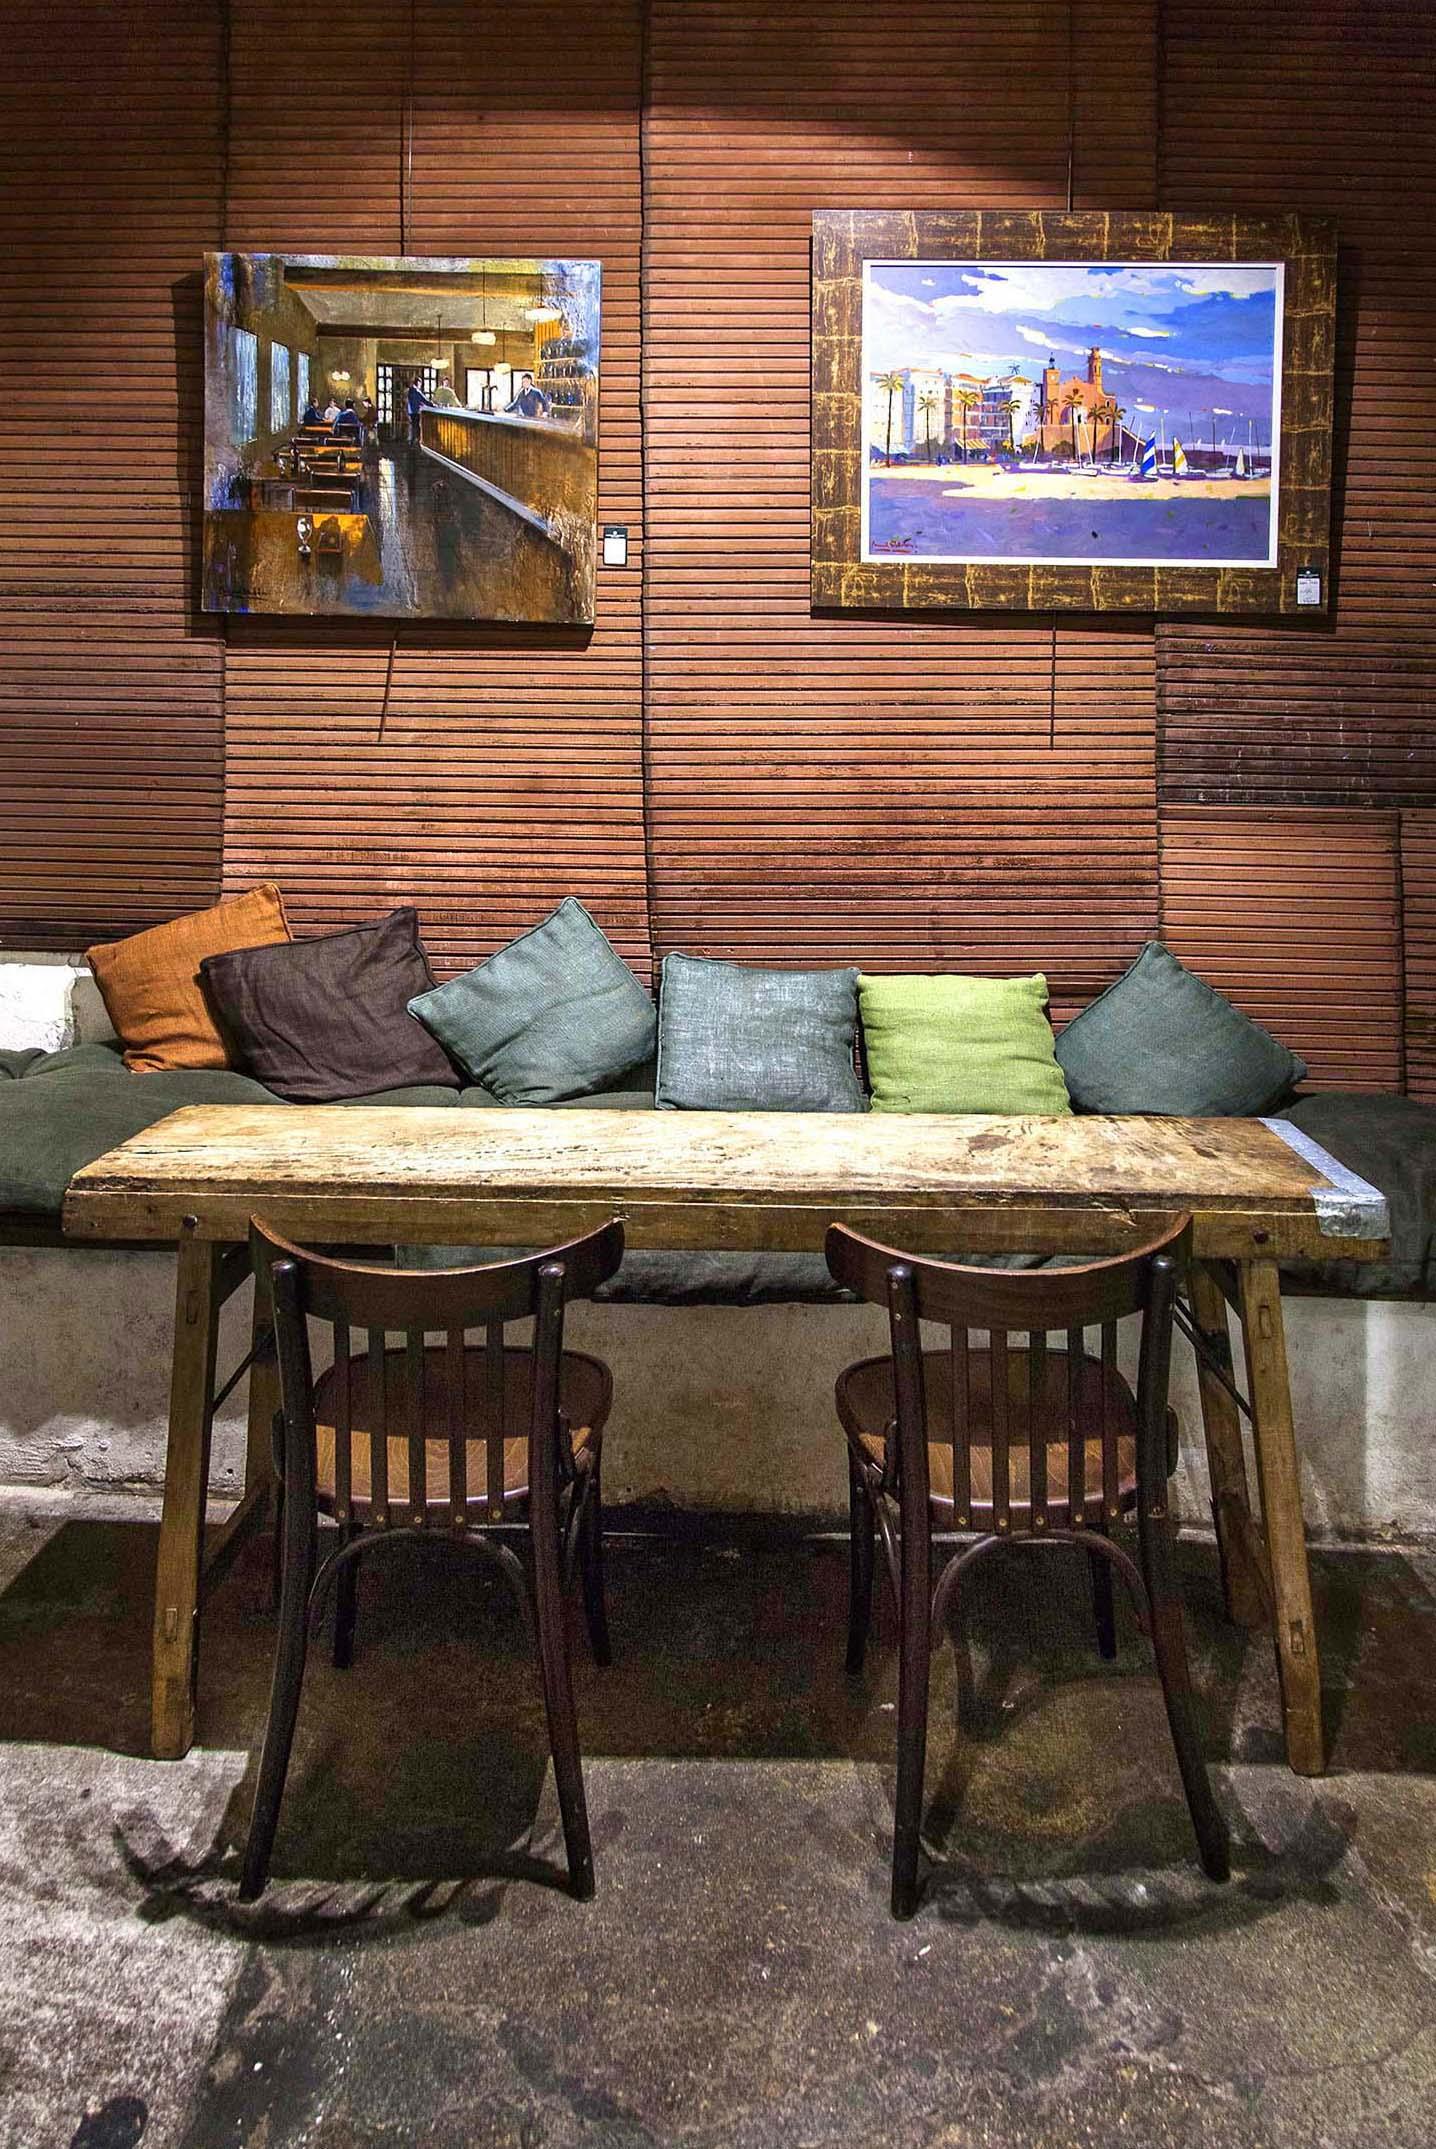 suelos hidrulicos vintage espaa a corua estilo vintage retro rstico bares cafes decoracin mesas